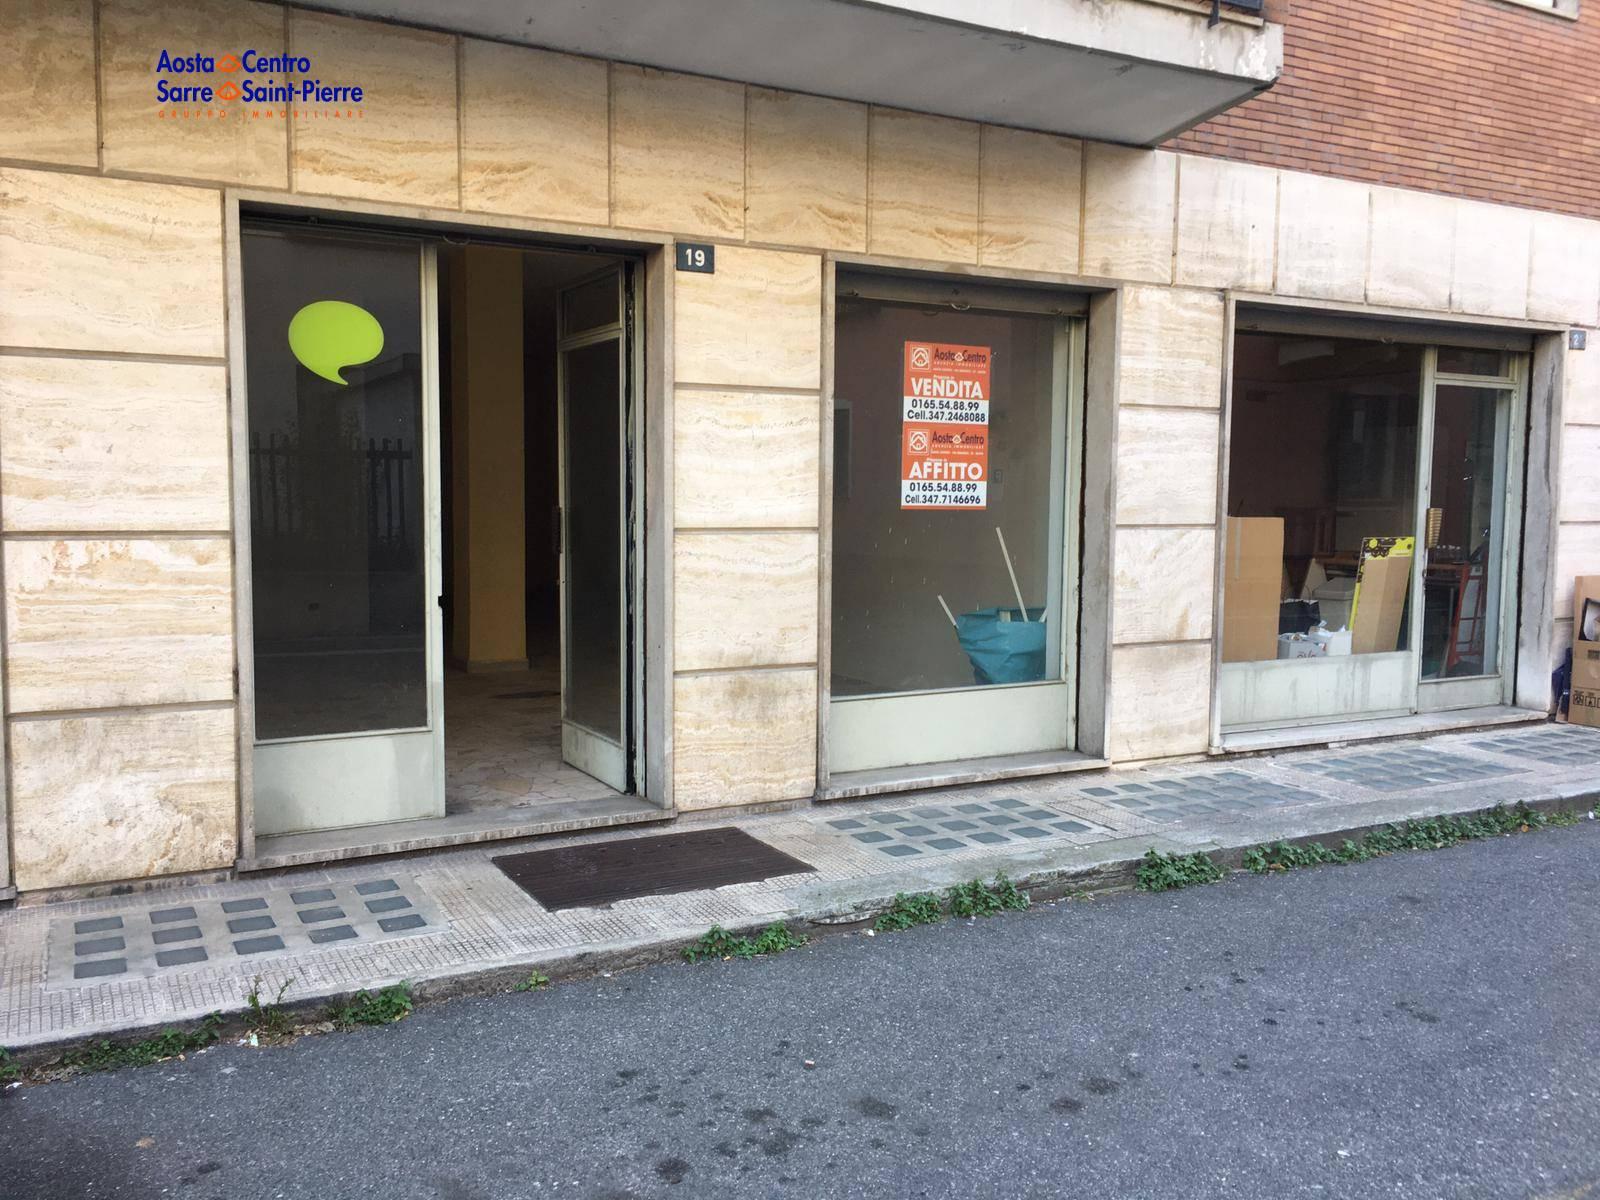 Negozio / Locale in affitto a Aosta, 9999 locali, zona centro, prezzo € 90.000 | PortaleAgenzieImmobiliari.it